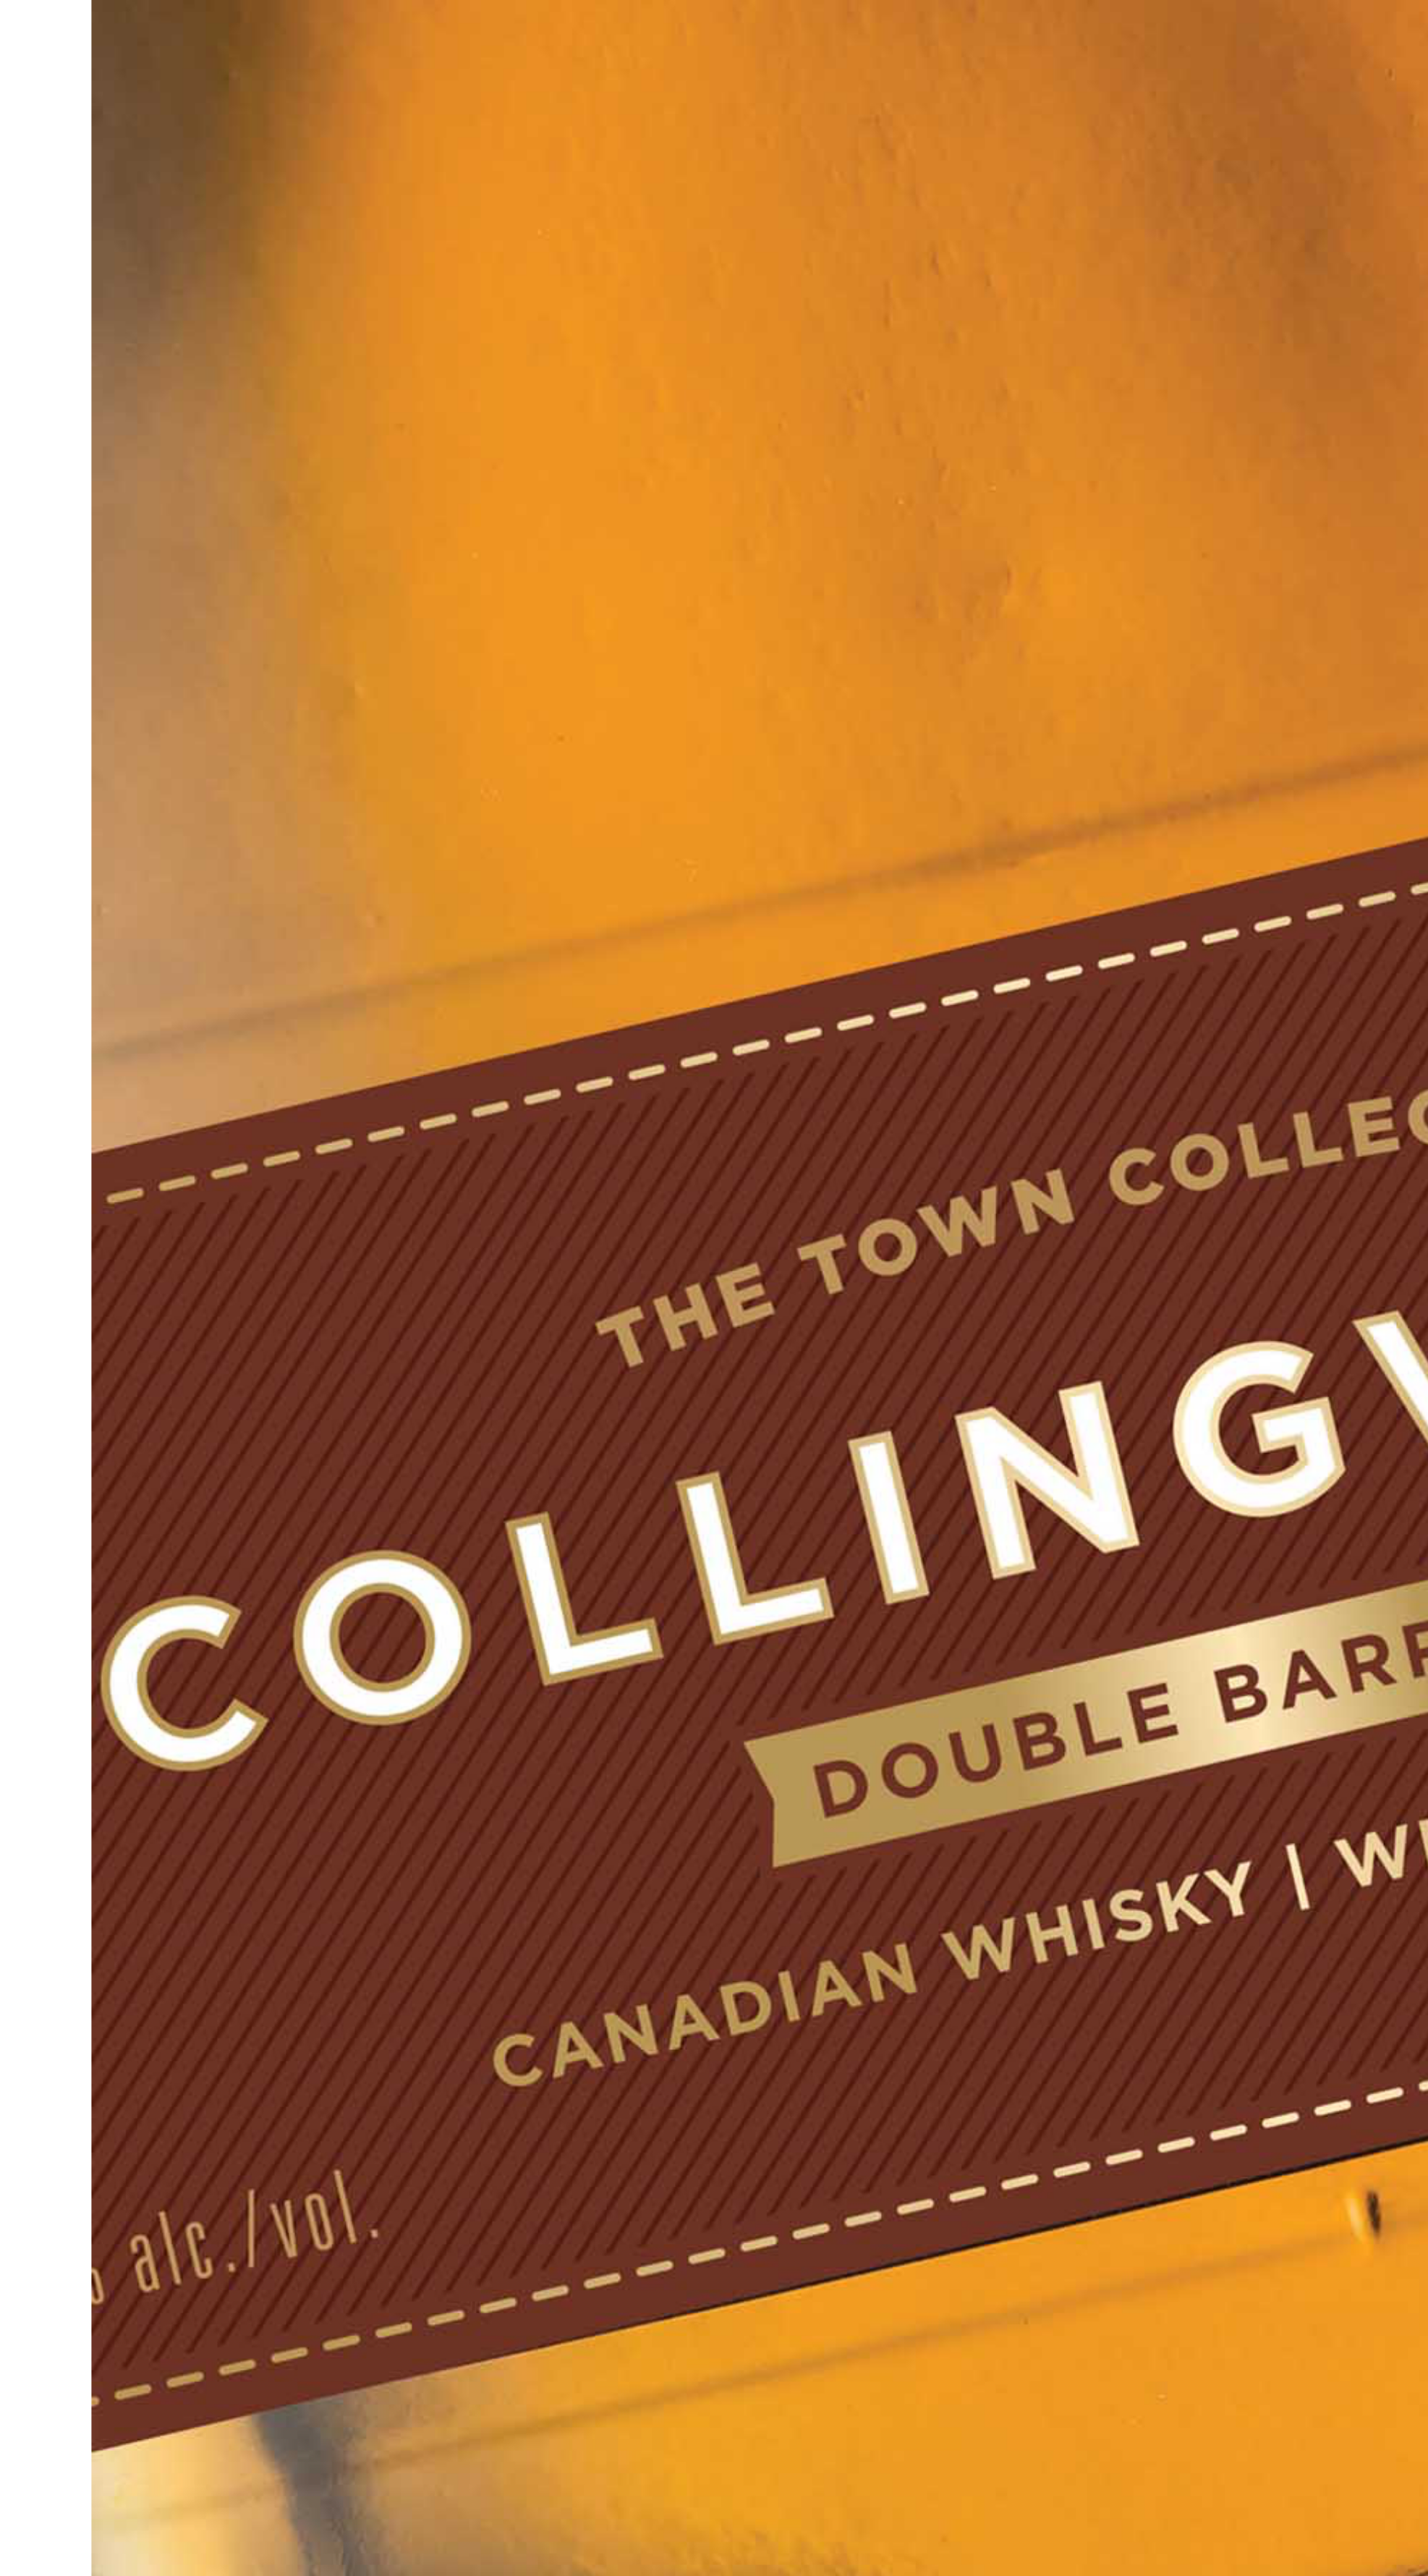 Collingwood bottle label